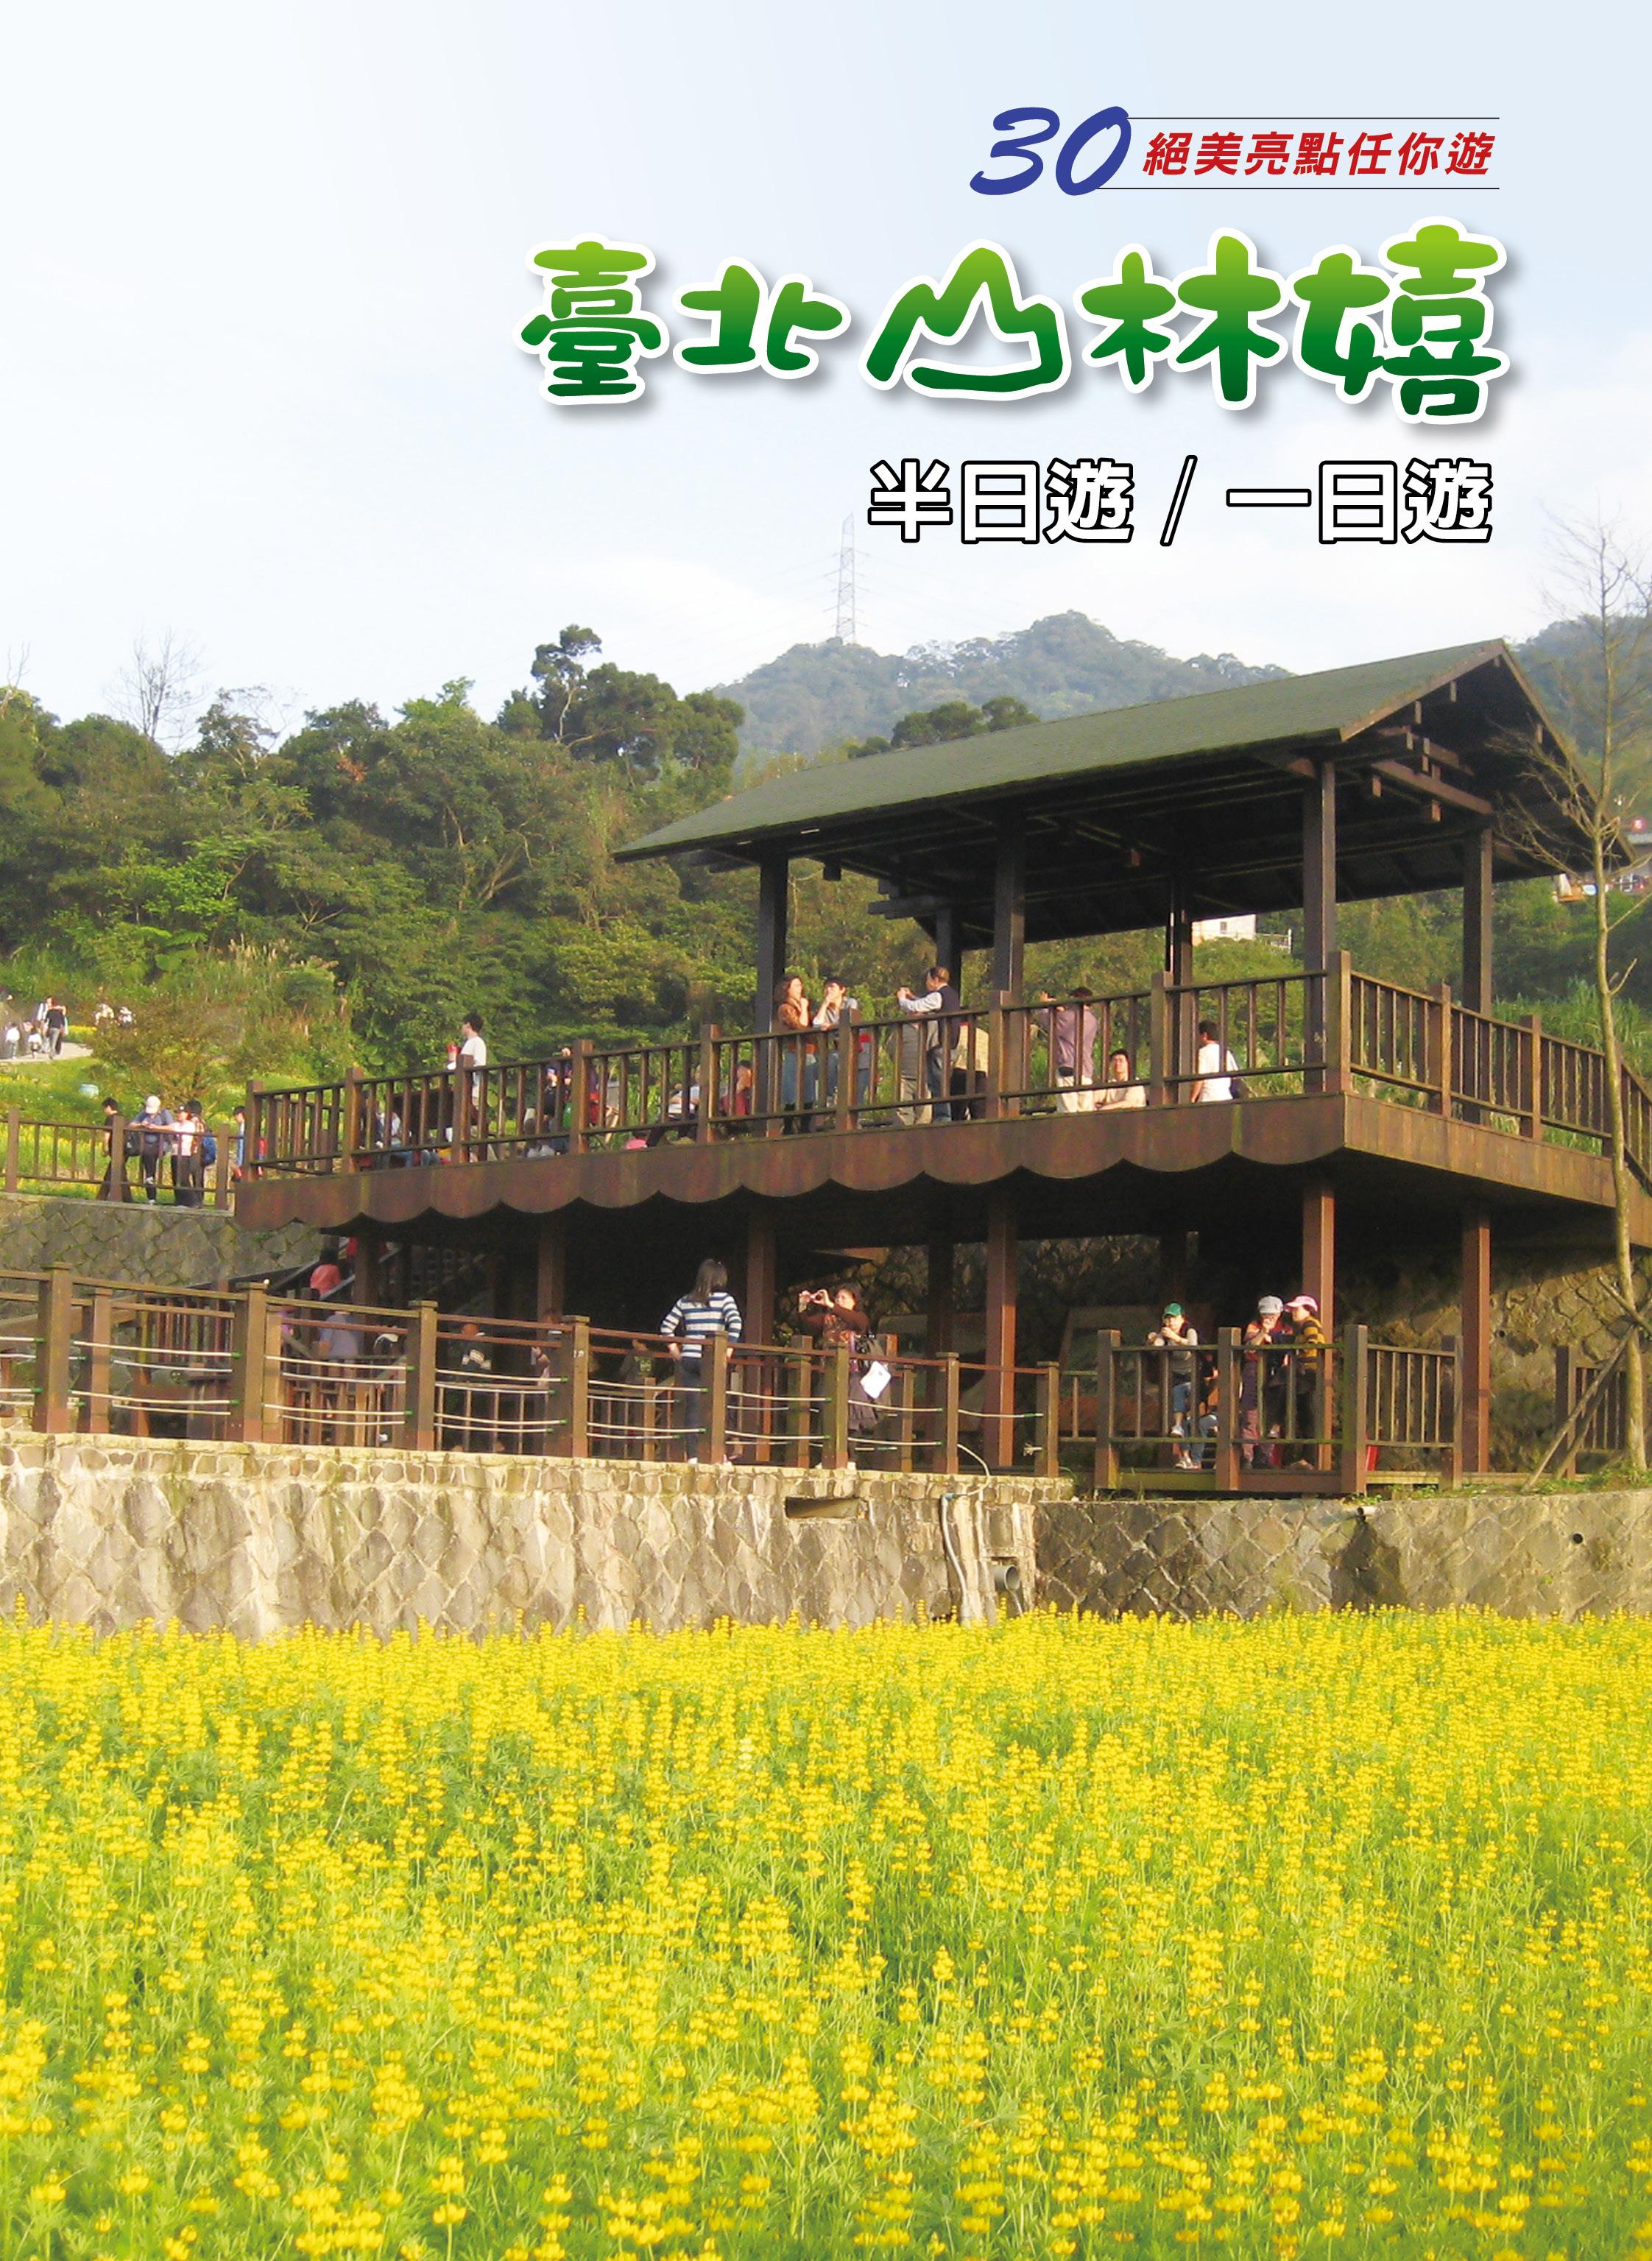 臺北山林嬉